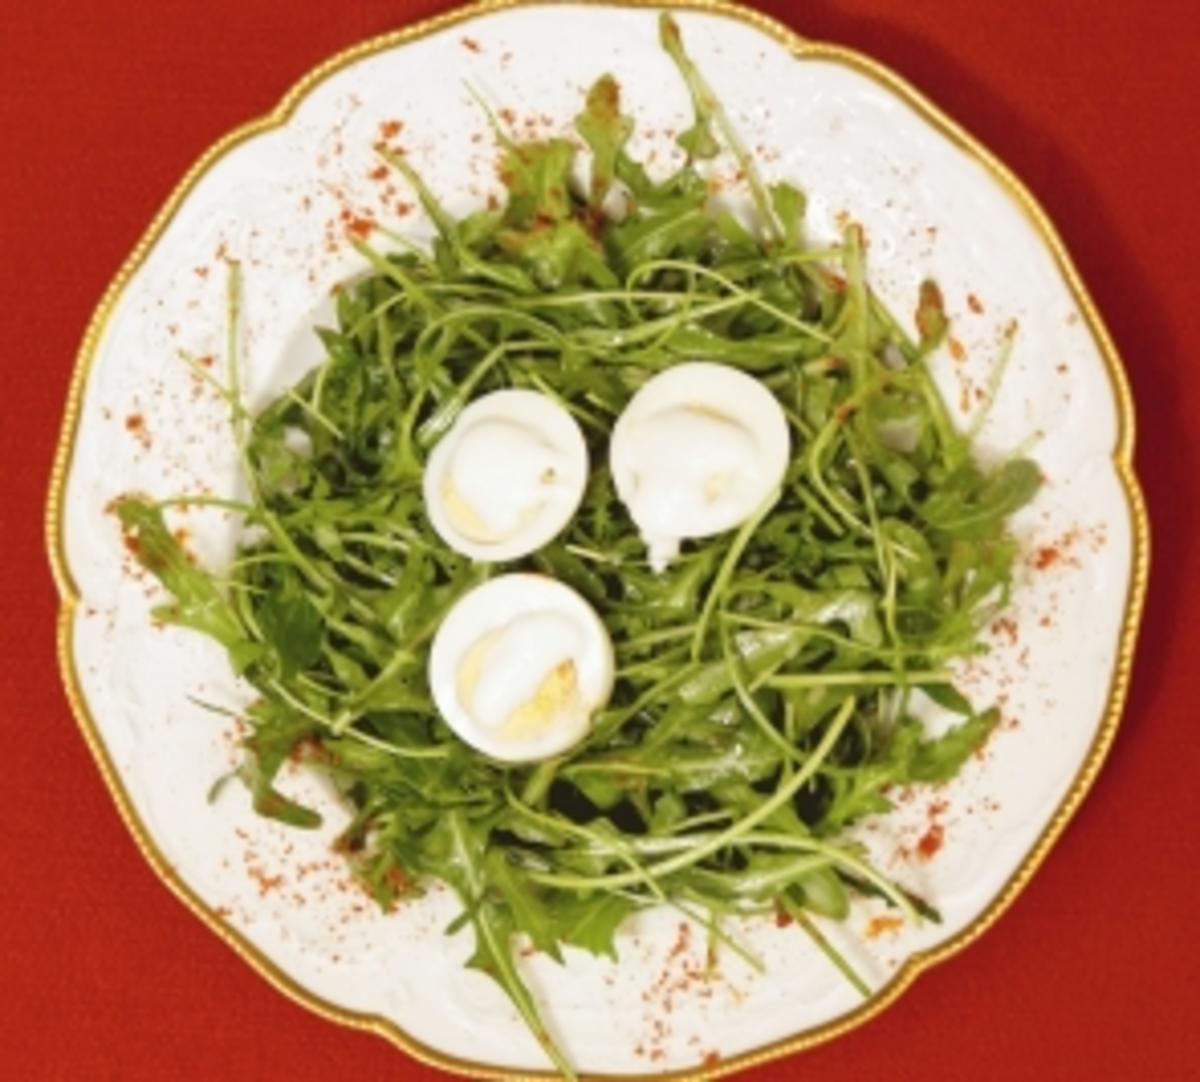 Hart gekochte eier mit knoblauchcreme und rucola joy fleming rezept - Eier hart kochen ...